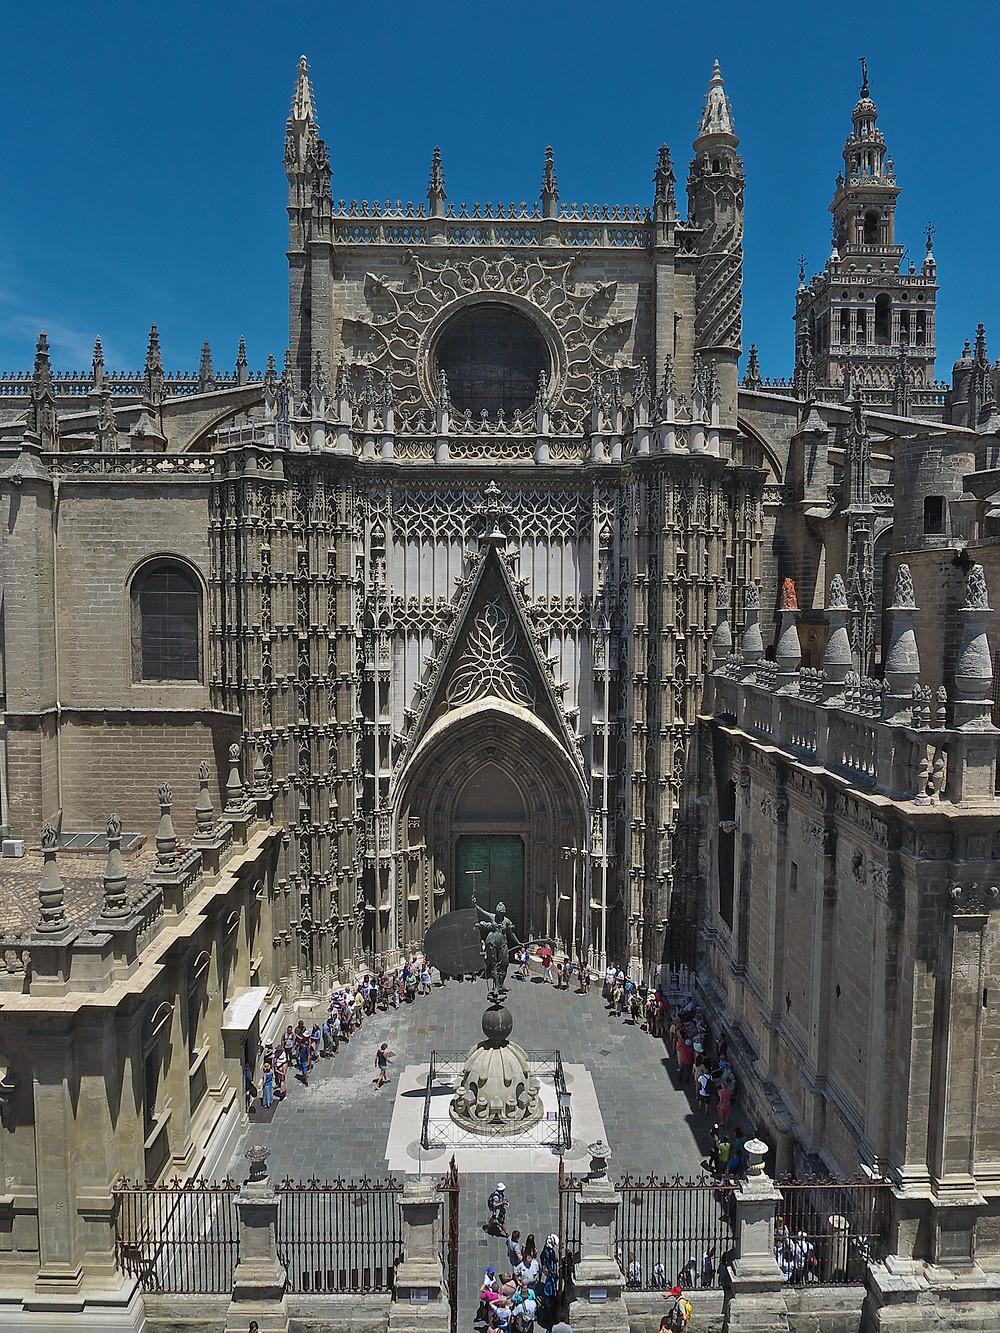 View of the Catedral de Sevilla